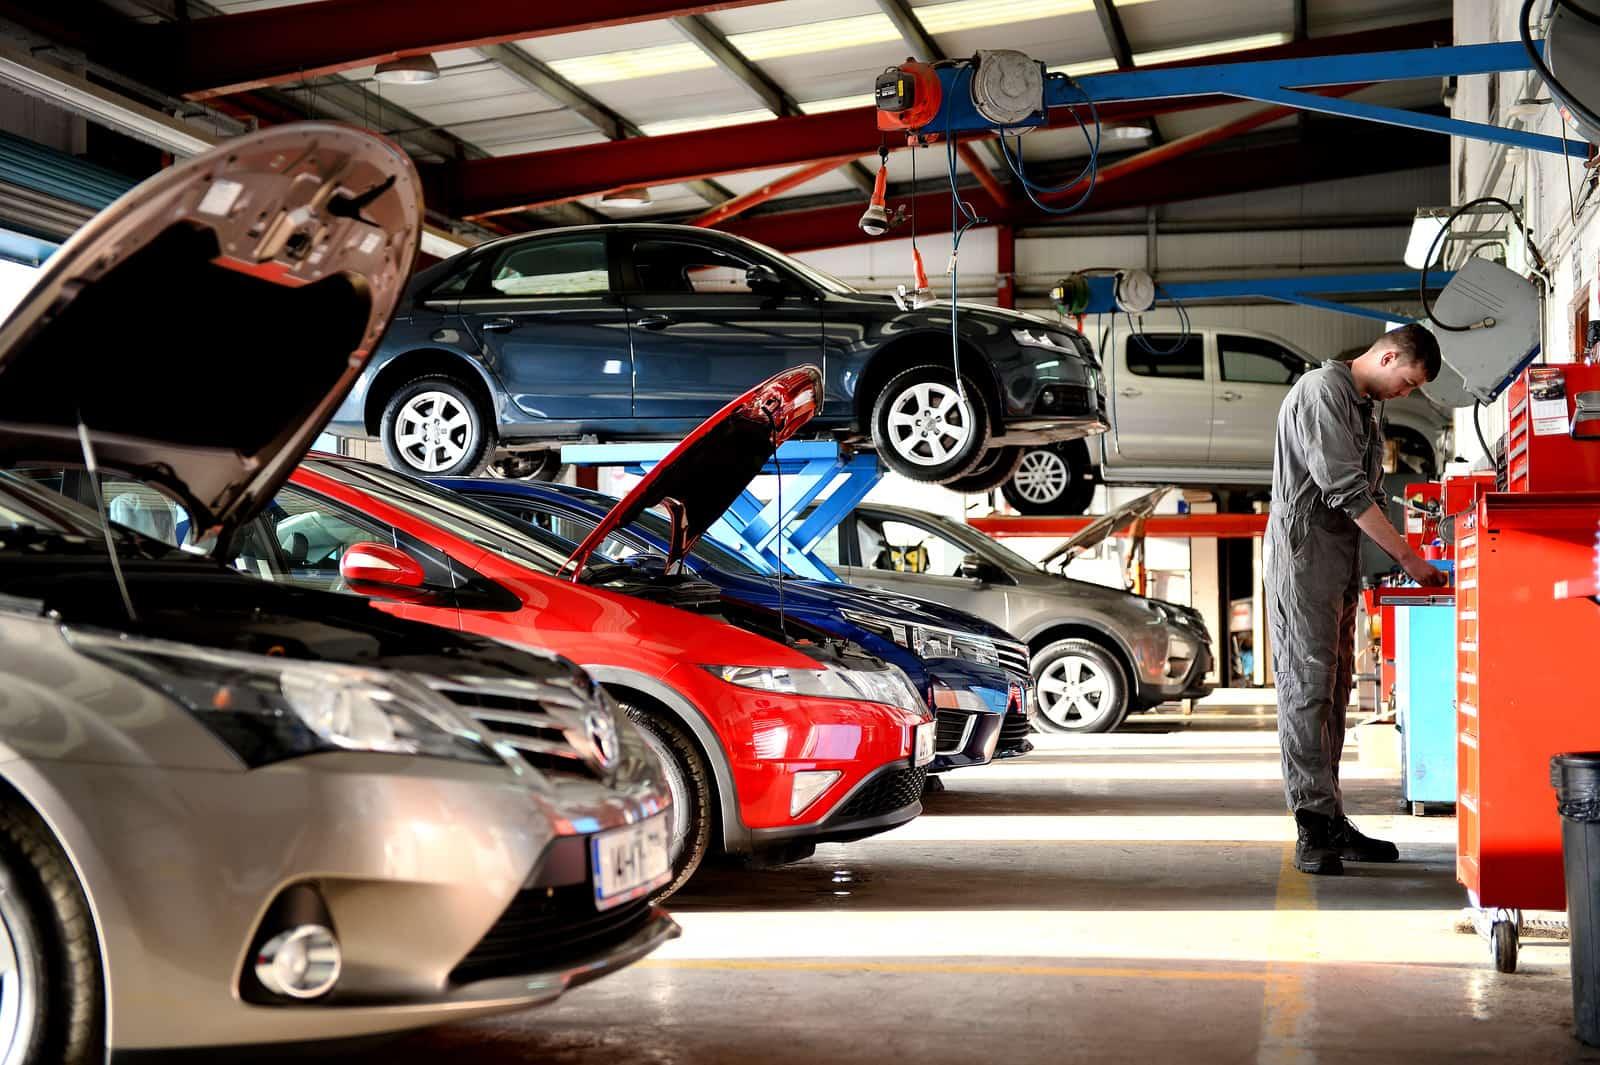 gara sửa chữa, bảo dưỡng ô tô chuyên nghiệp hcm